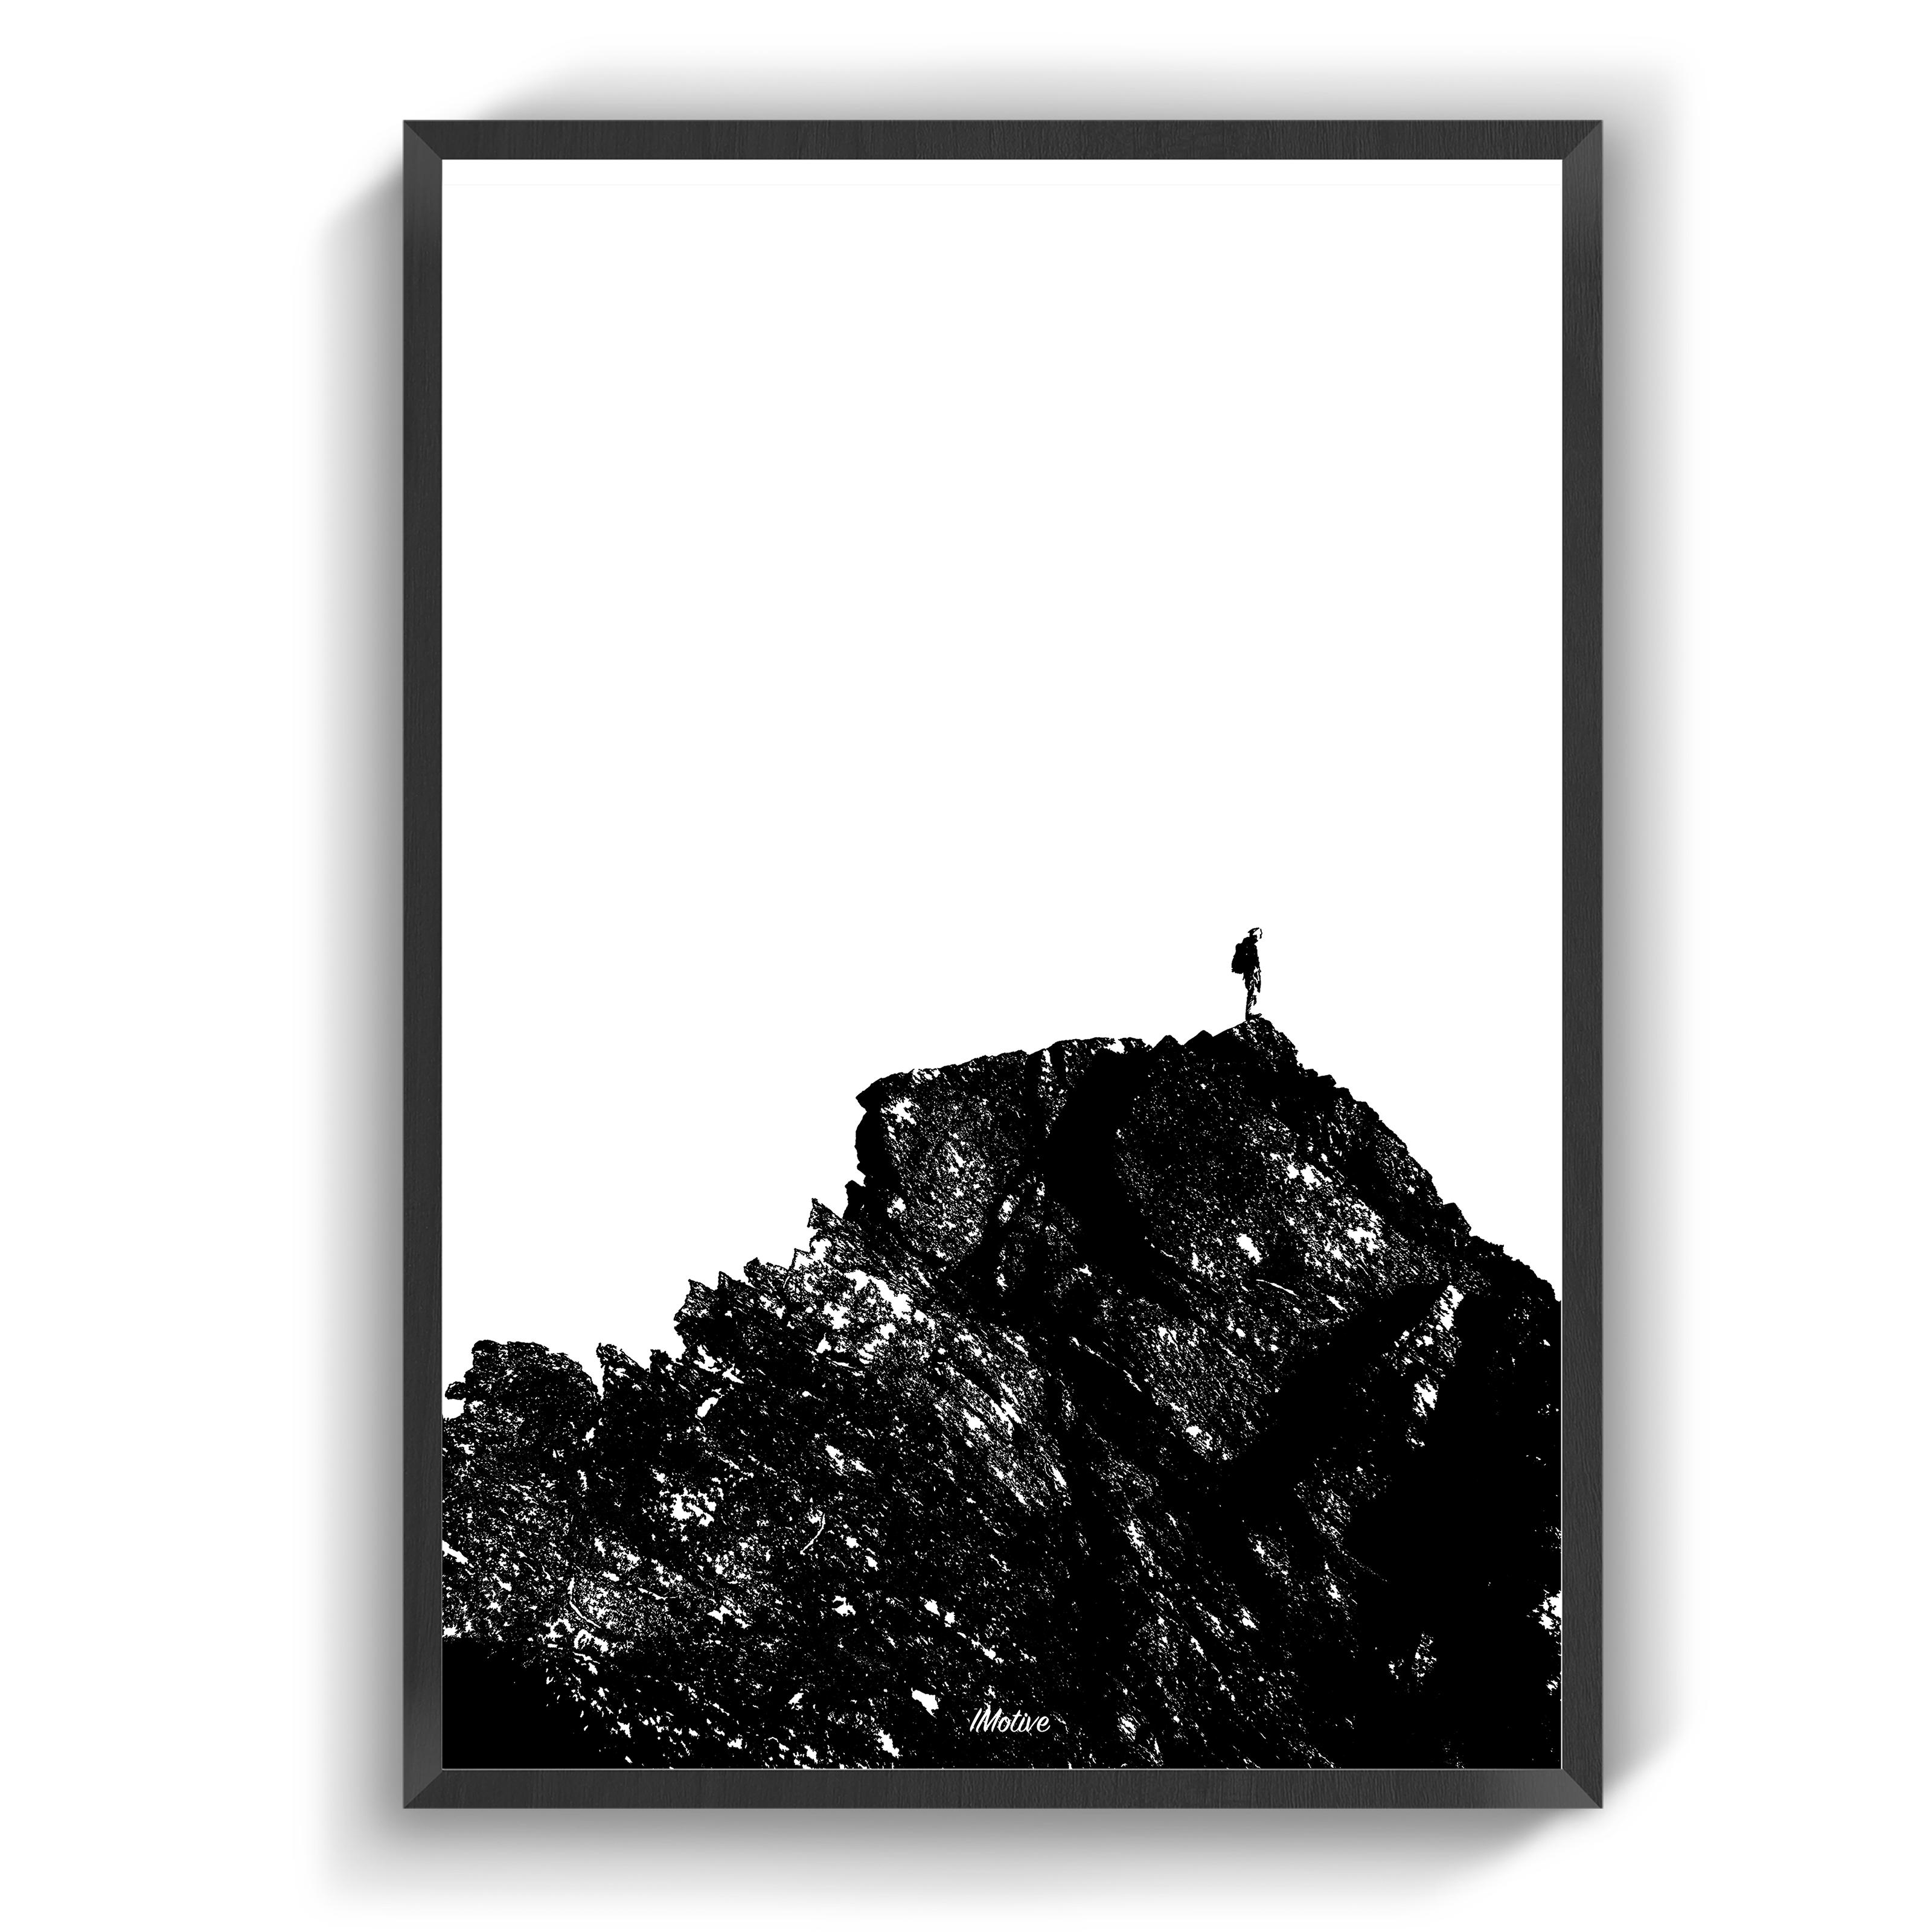 Plakater Bjergbestiger Fotokunst Plakater Billeder